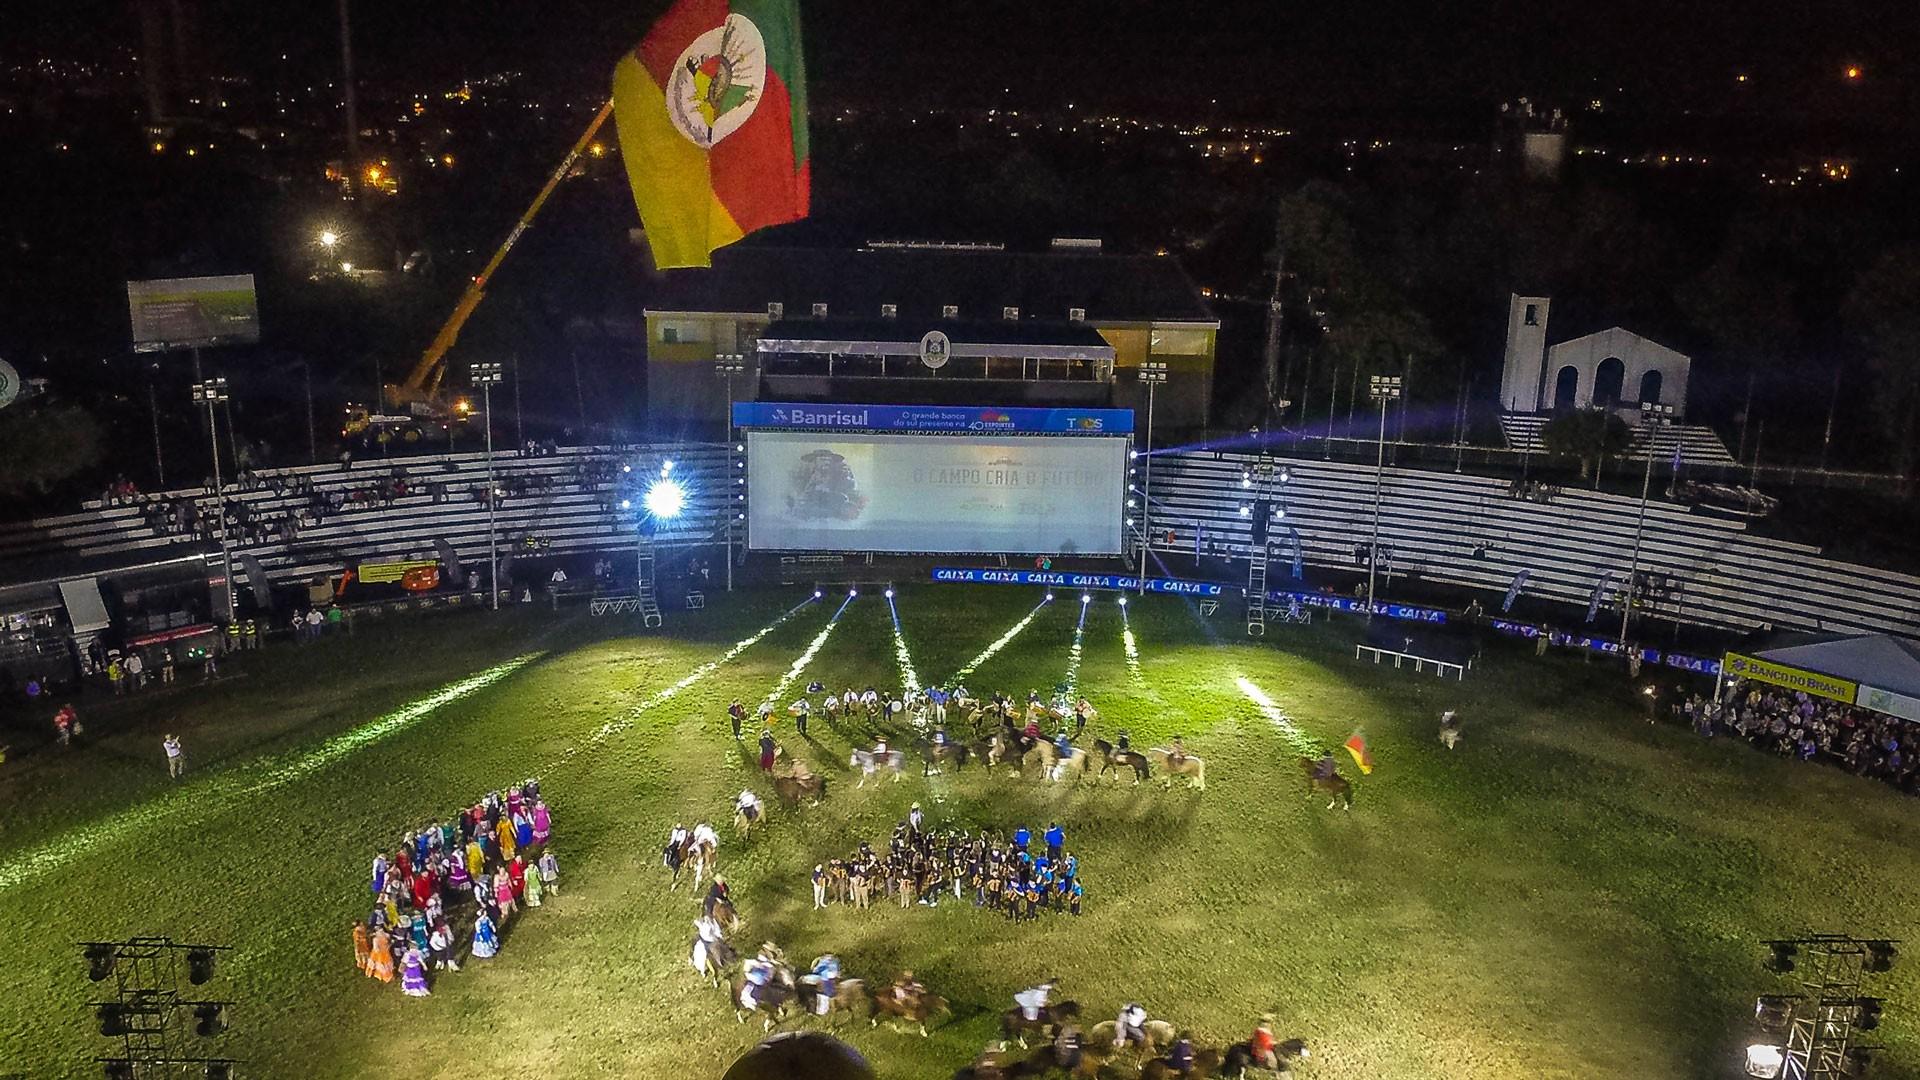 Expointer terá 'Ópera Gaúcha' - Notícias - Plantão Diário